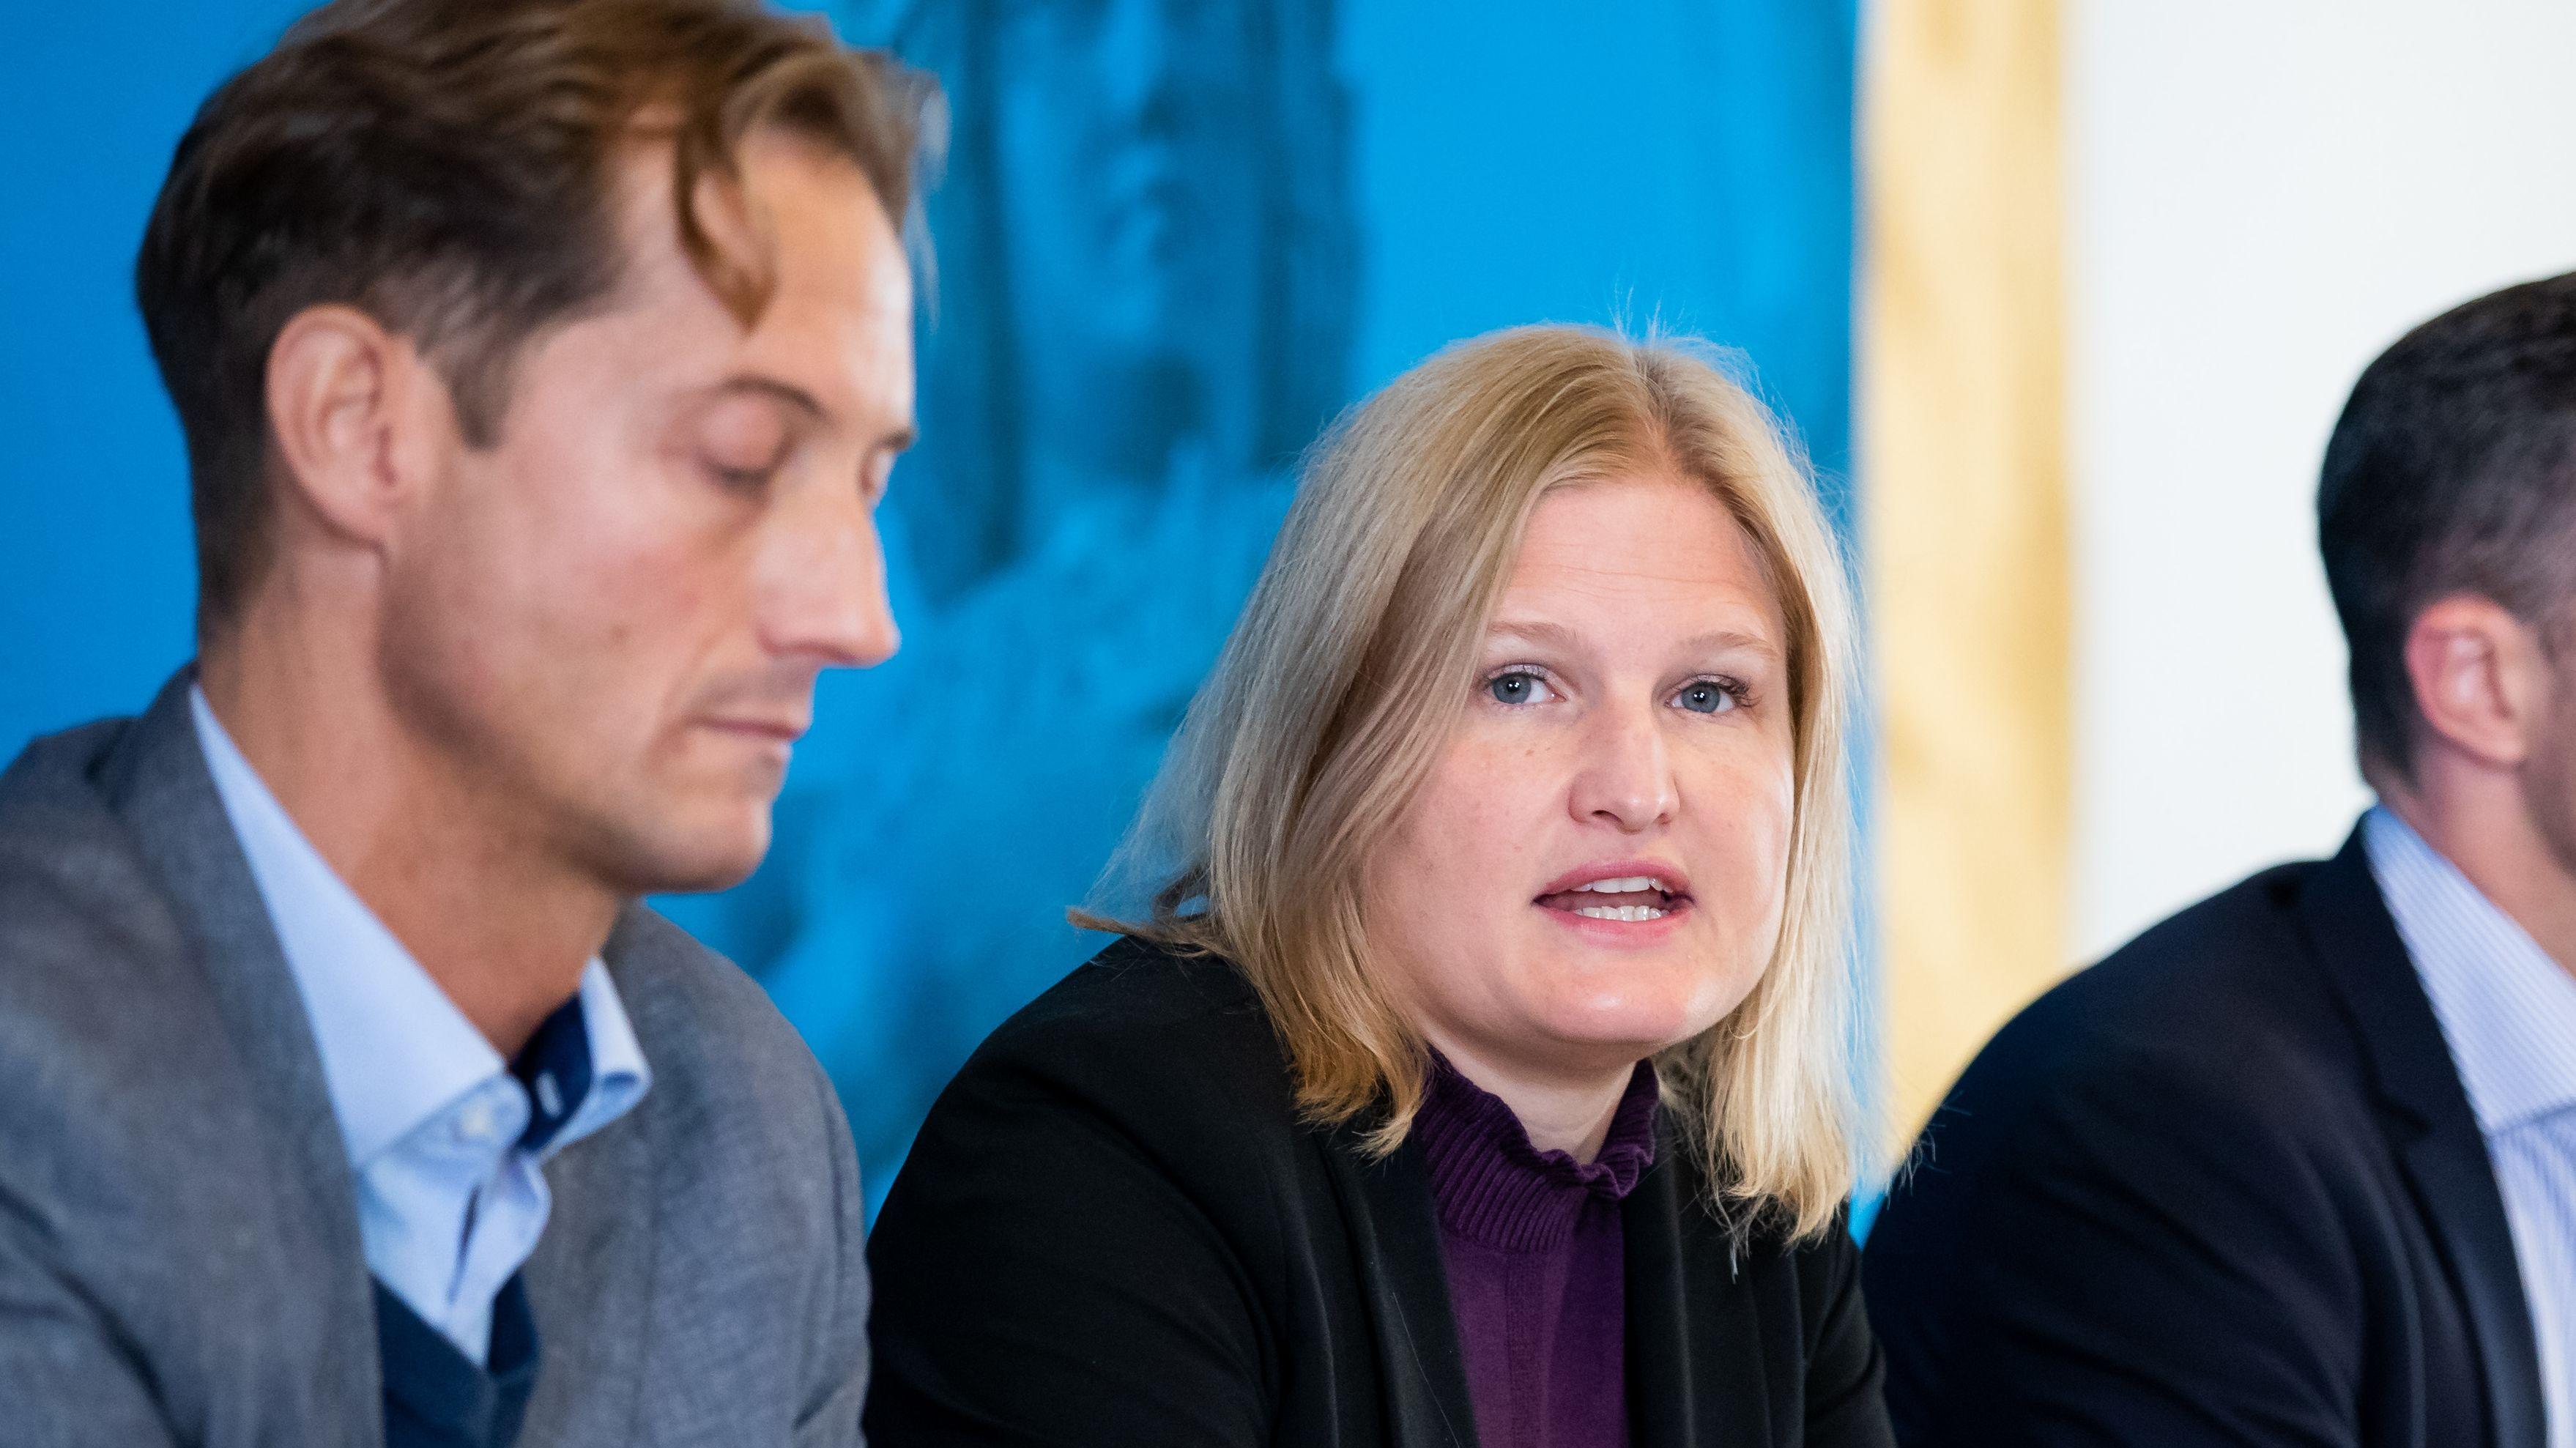 Katrin Ebner-Steiner (rechts) und Ingo Hahn droht offenbar eine Abwahl als AfD-Fraktionschefs im bayerischen Landtag.